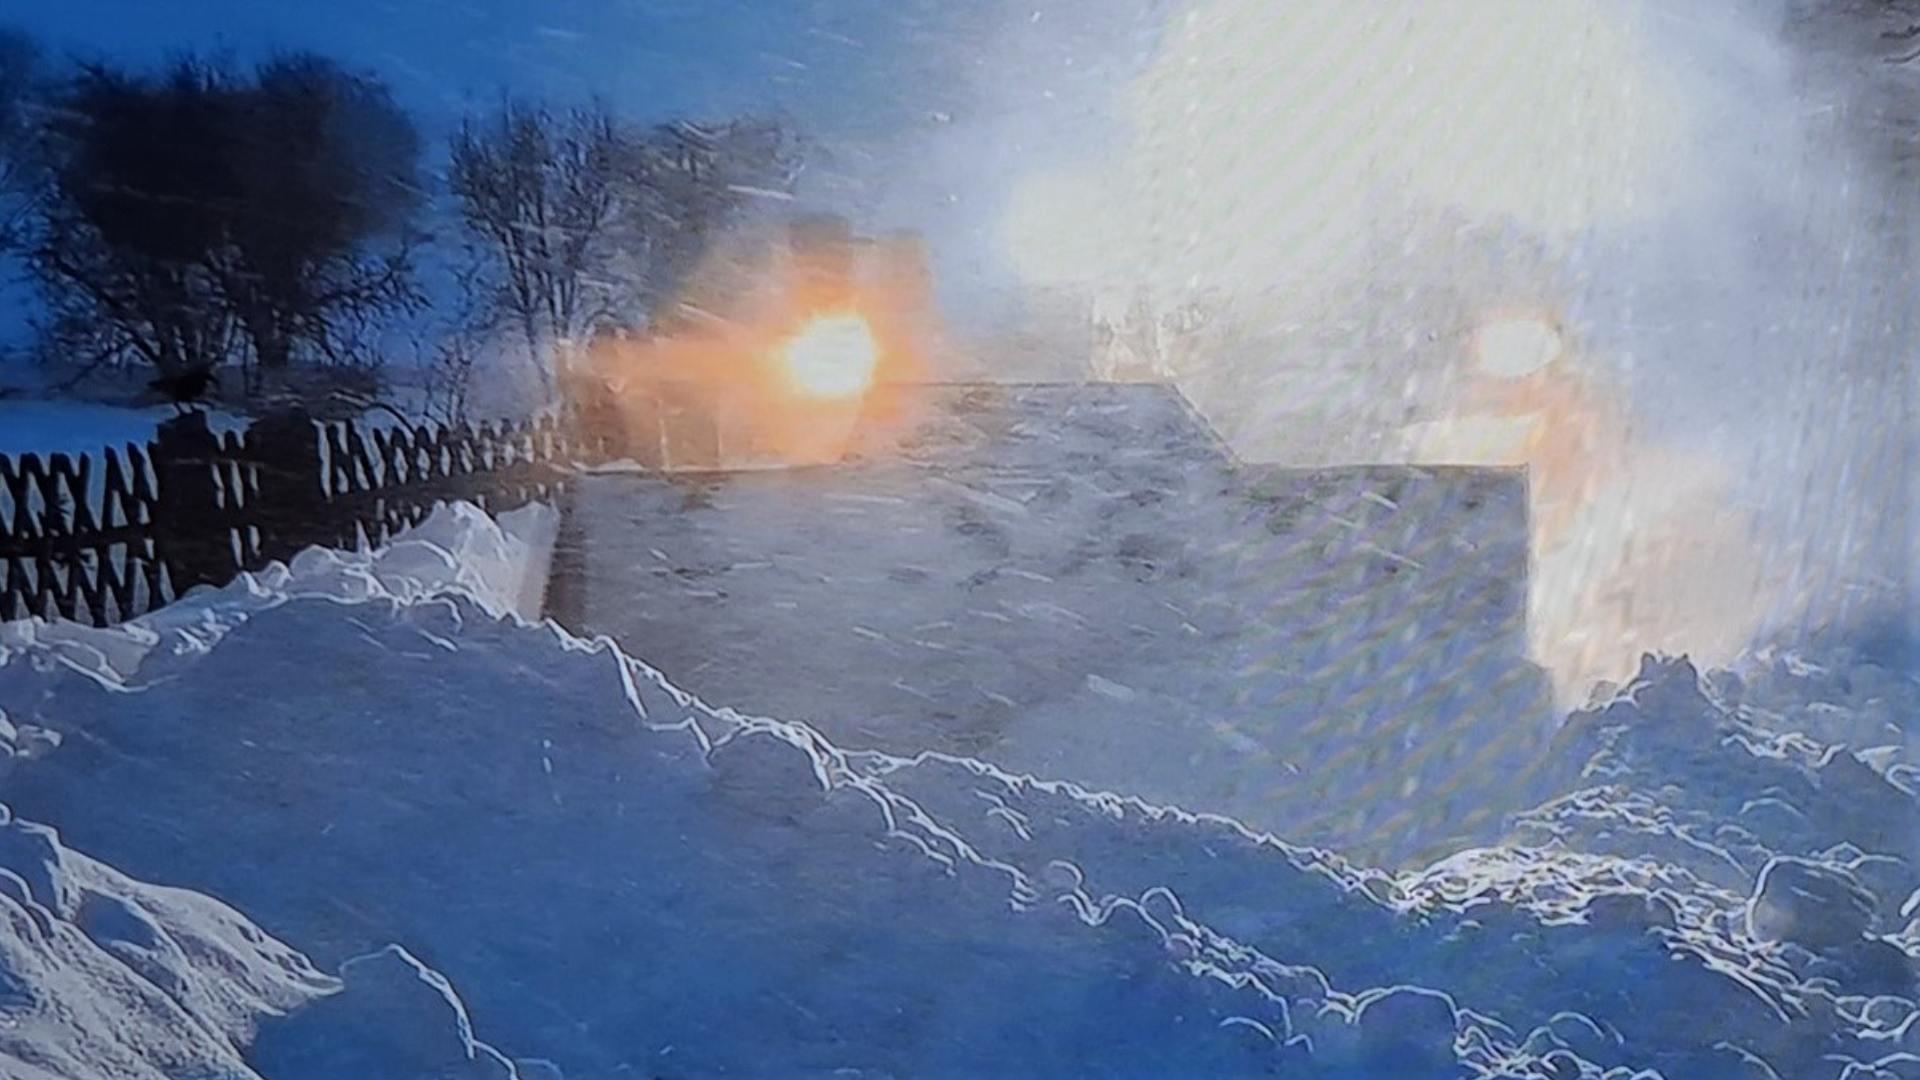 Extremwetterlagen mit Schneechaos und Tiefsttemperaturen